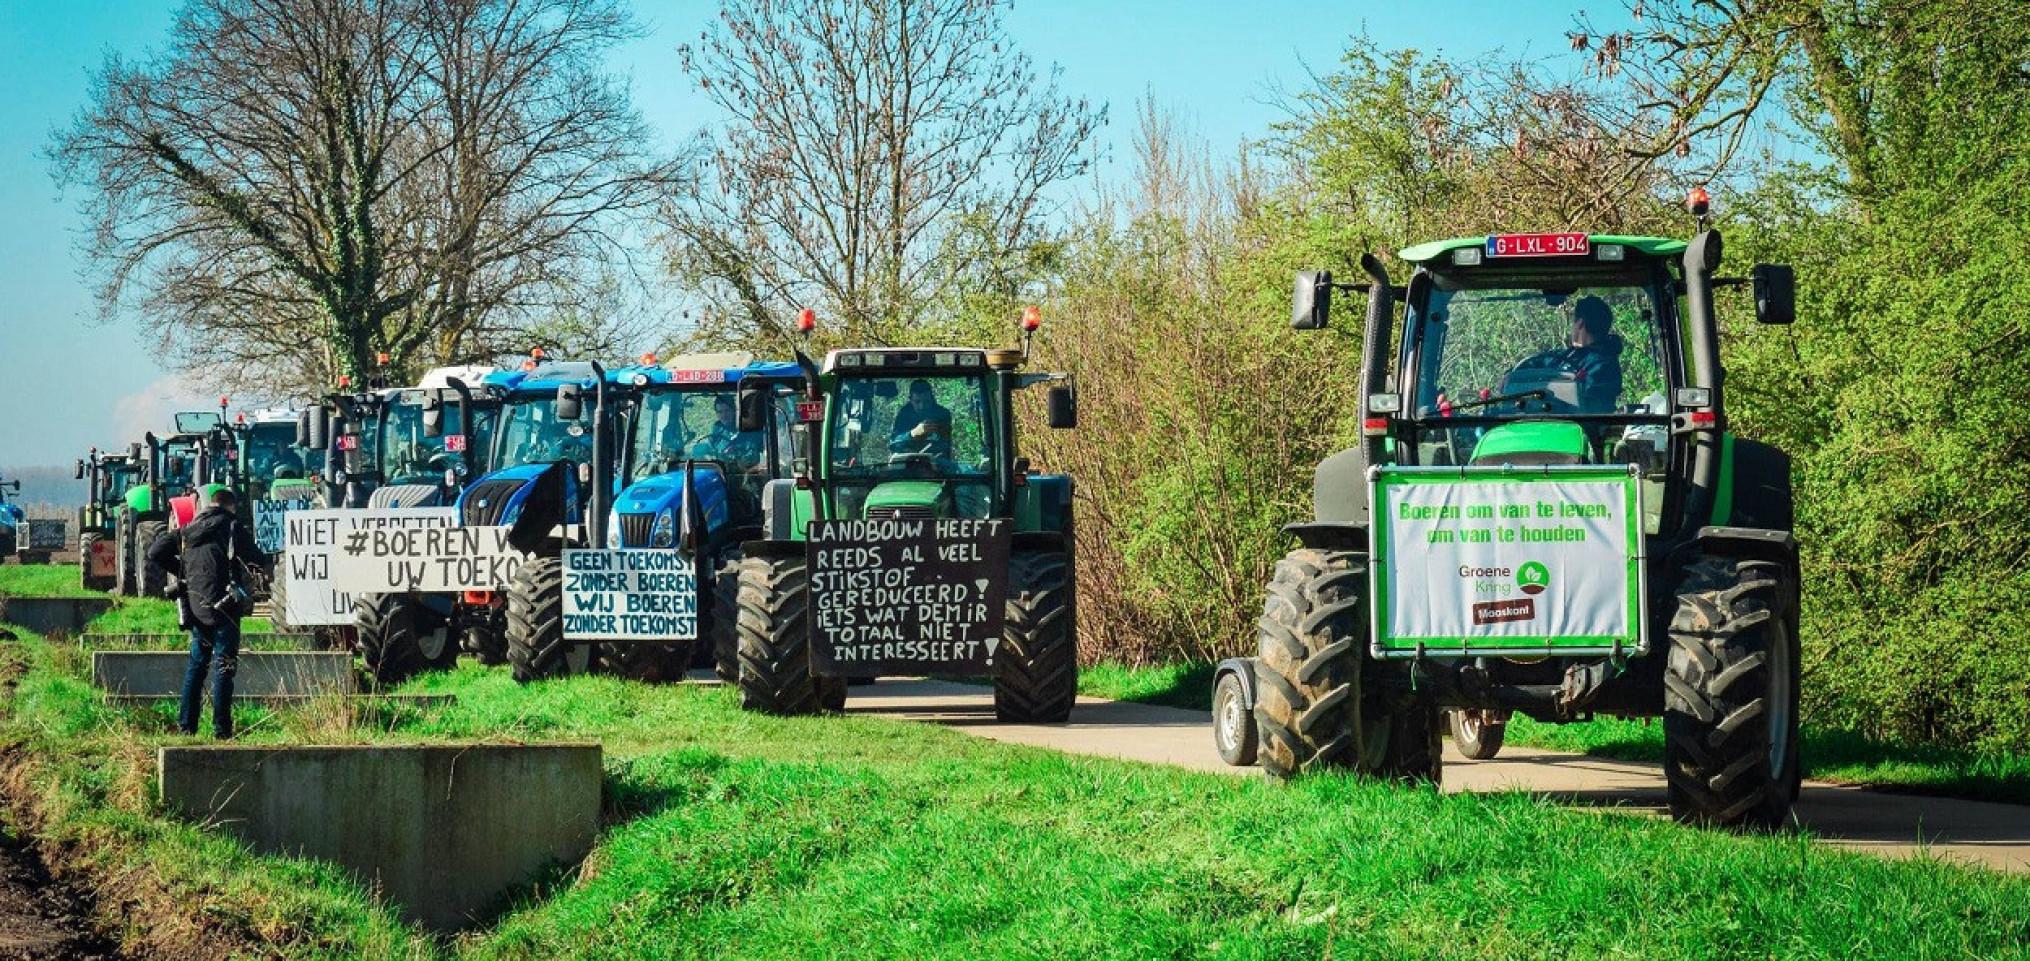 groenekring-actieLimburg-tractor-banners-1250